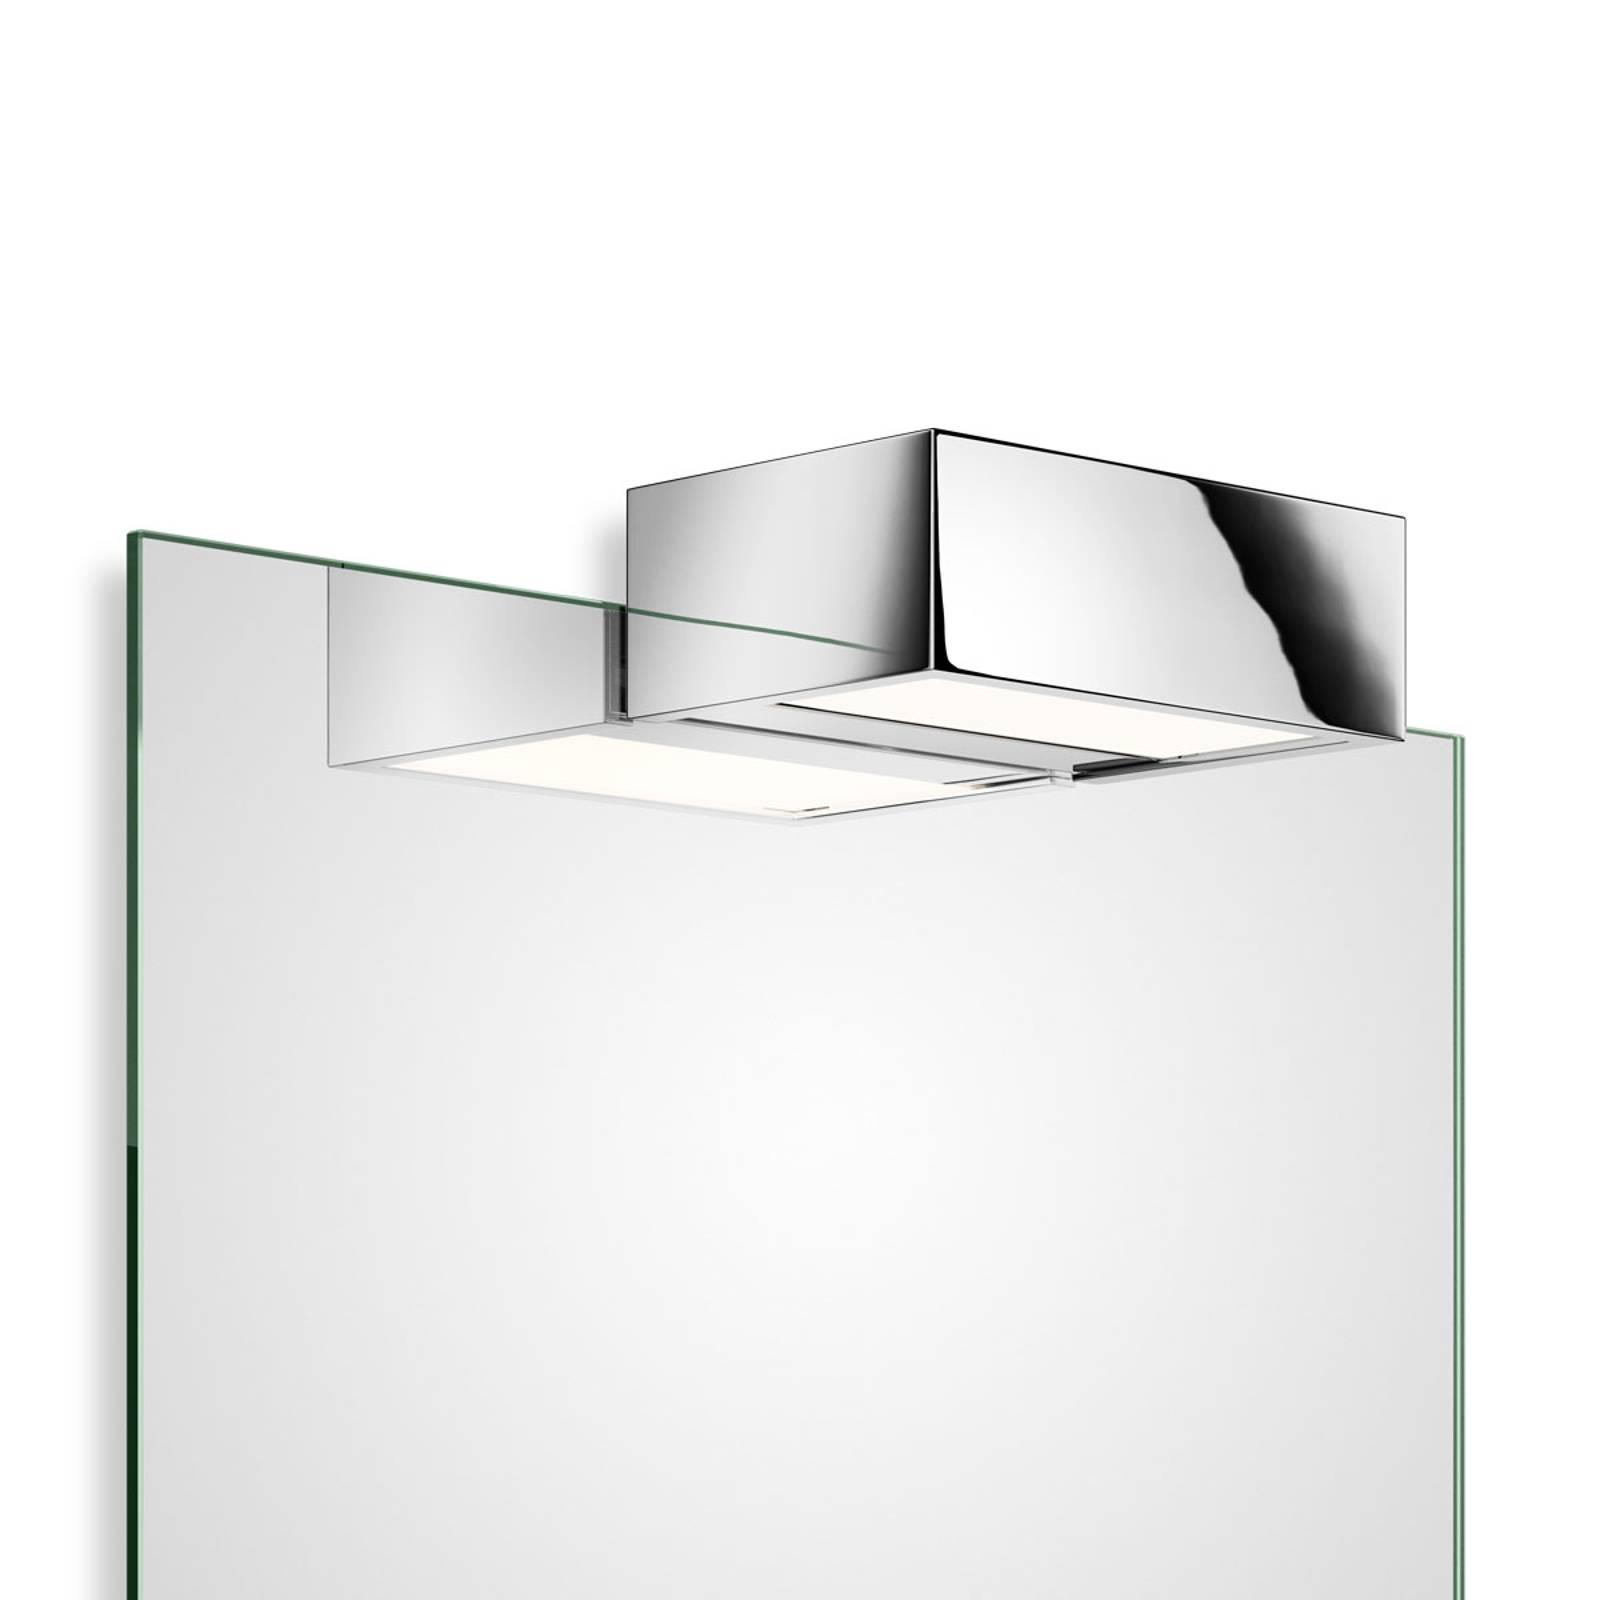 Decor Walther Box 1-15 N LED da specchi 3.000 K